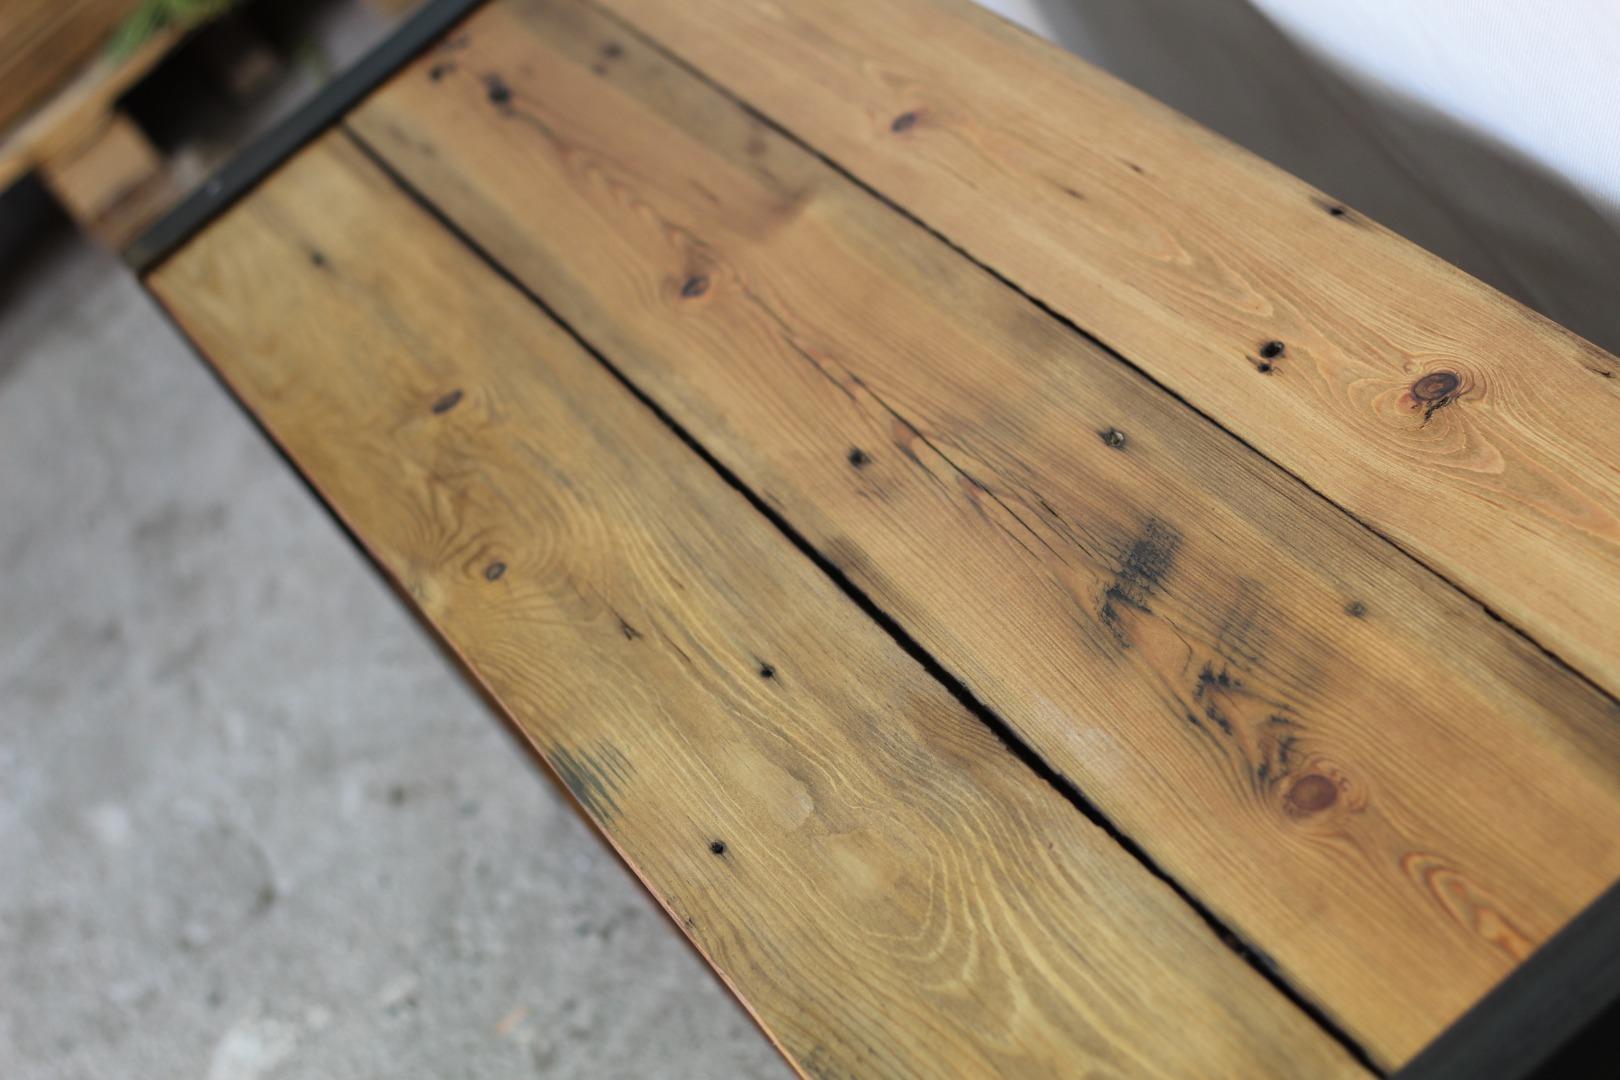 Szafka RTV z starego drewna #2